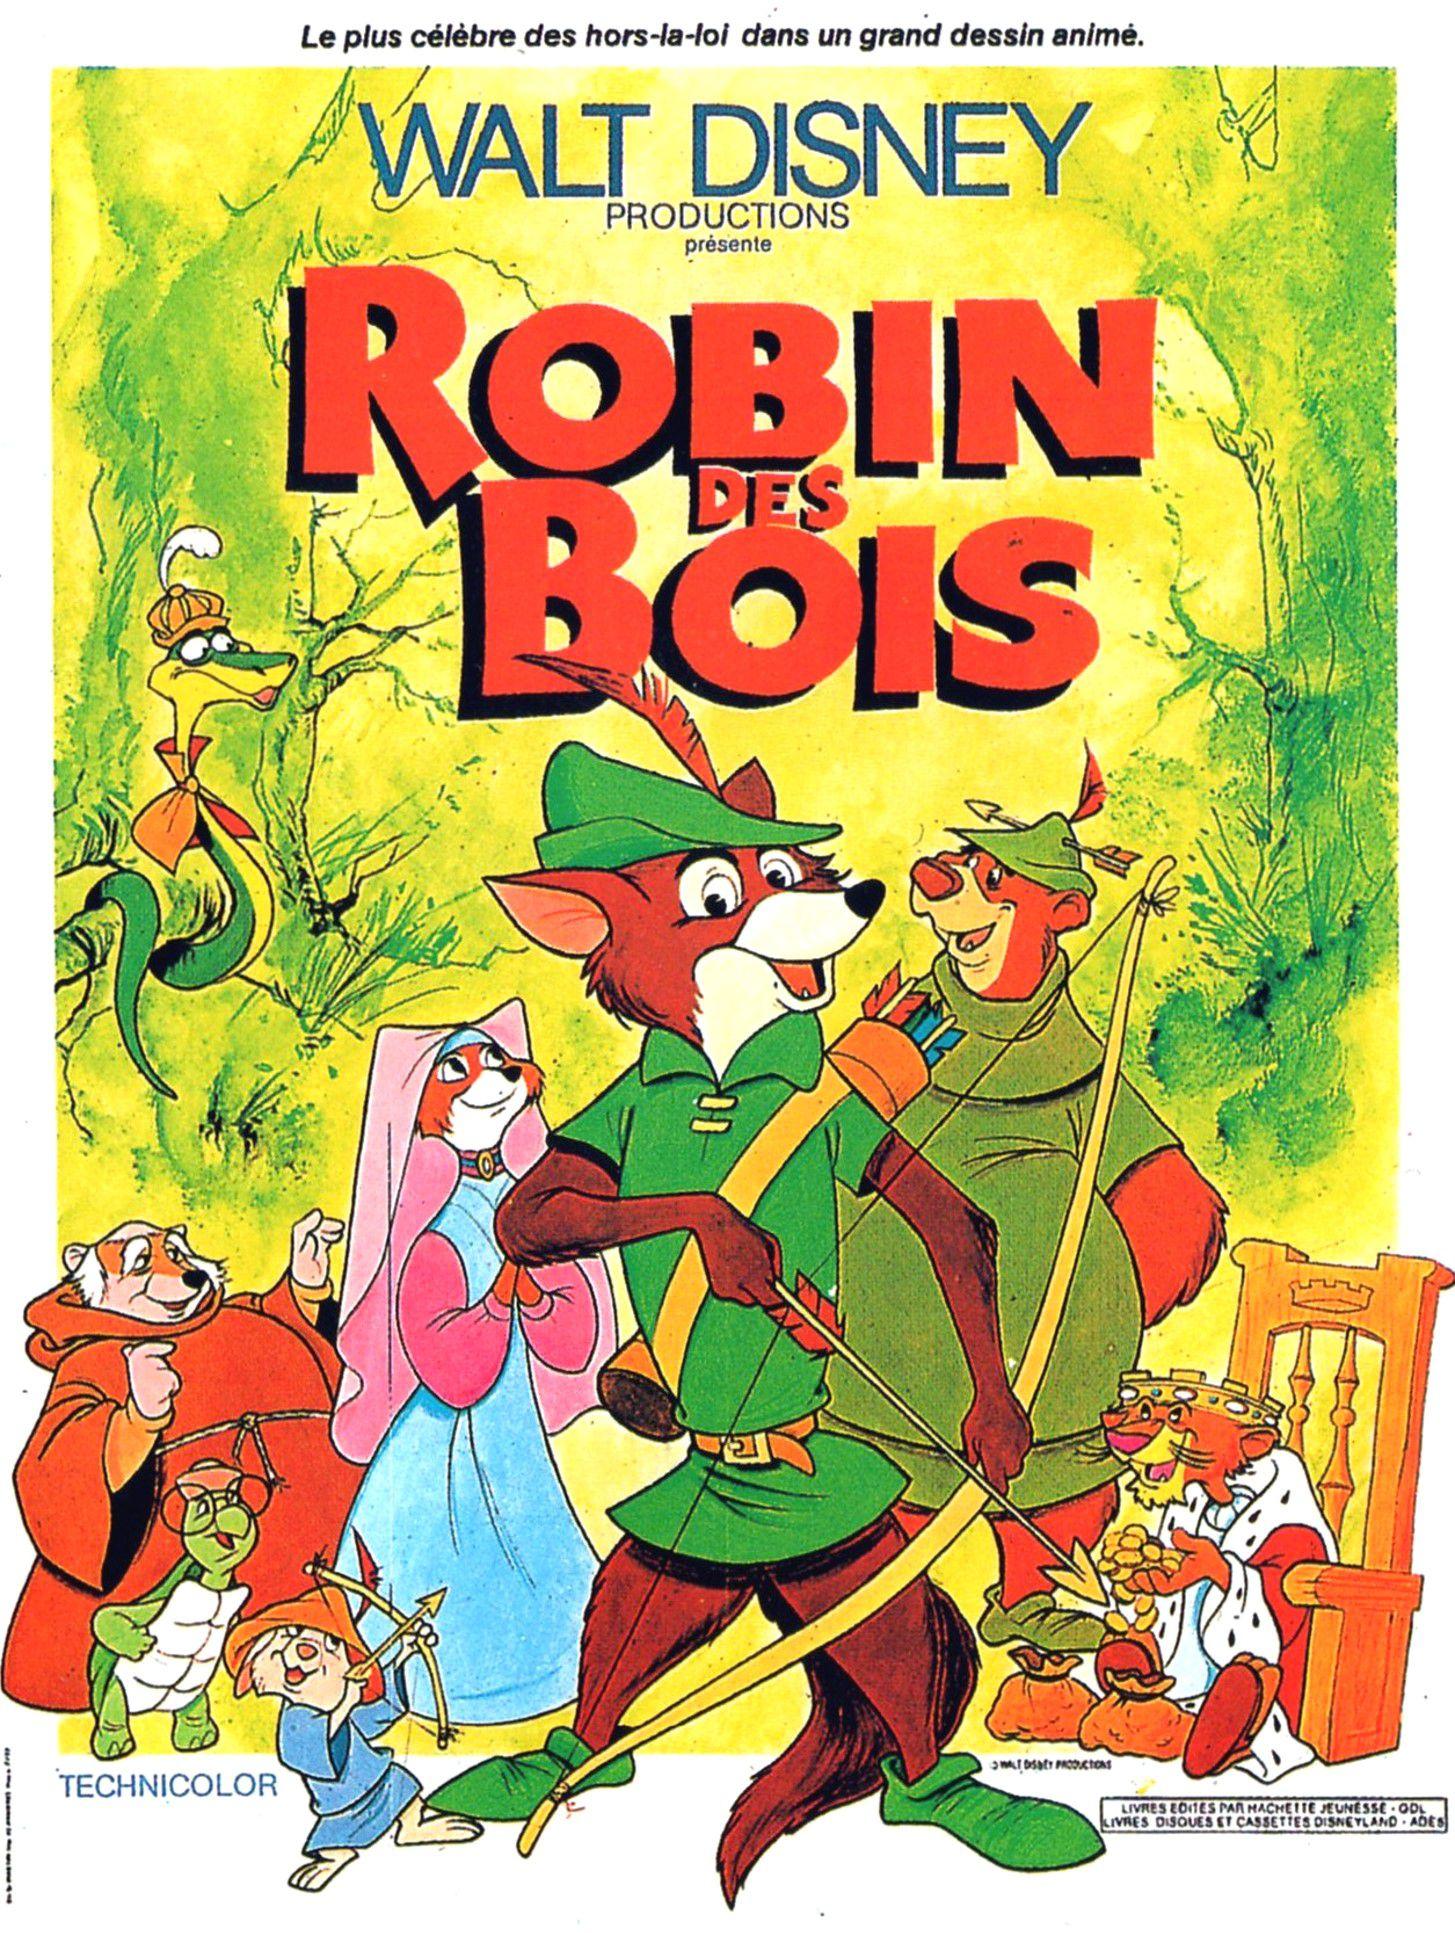 Robin des Bois (film, 1973)